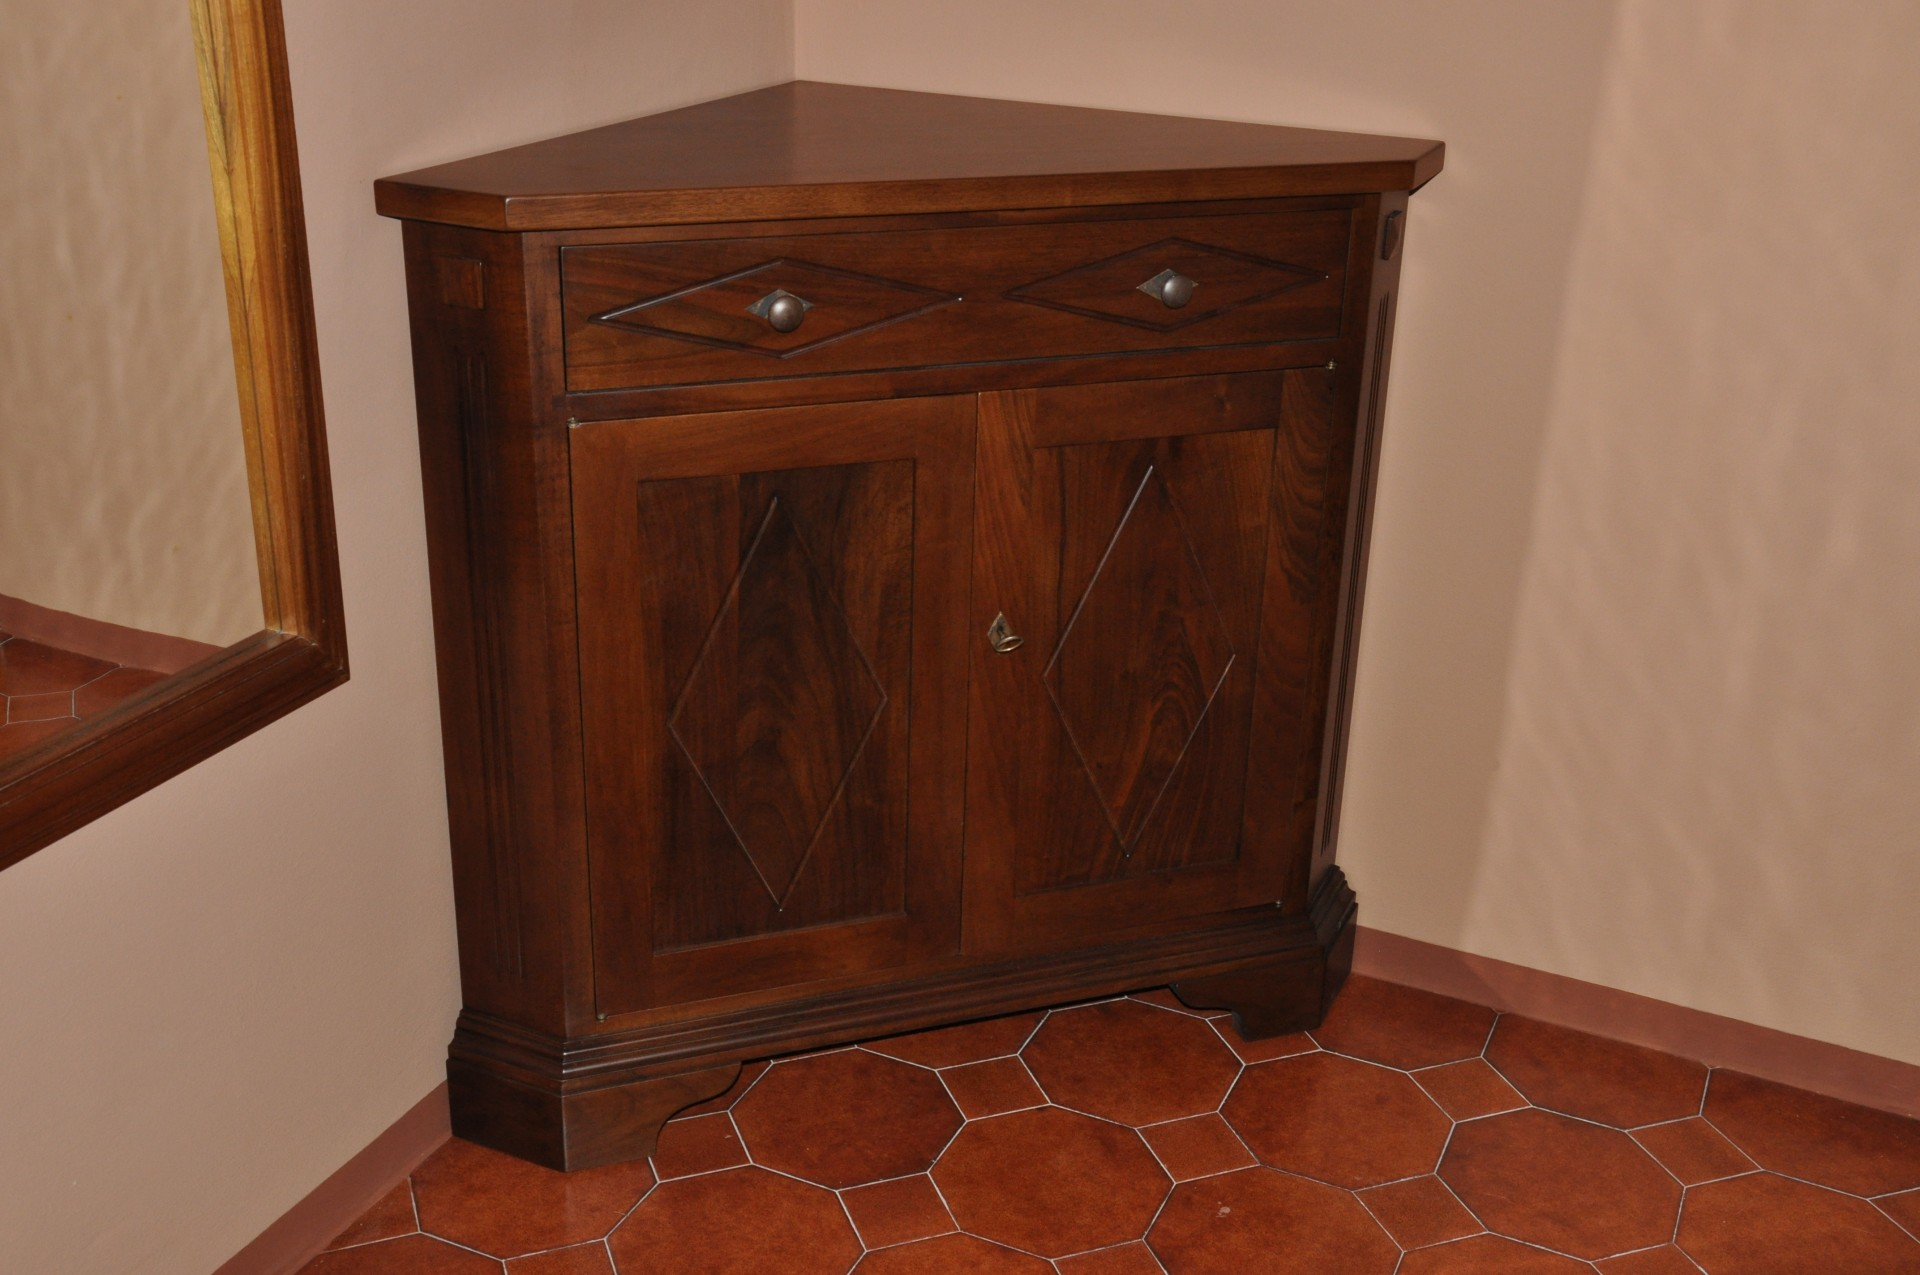 Credenza in legno naturale a Verona